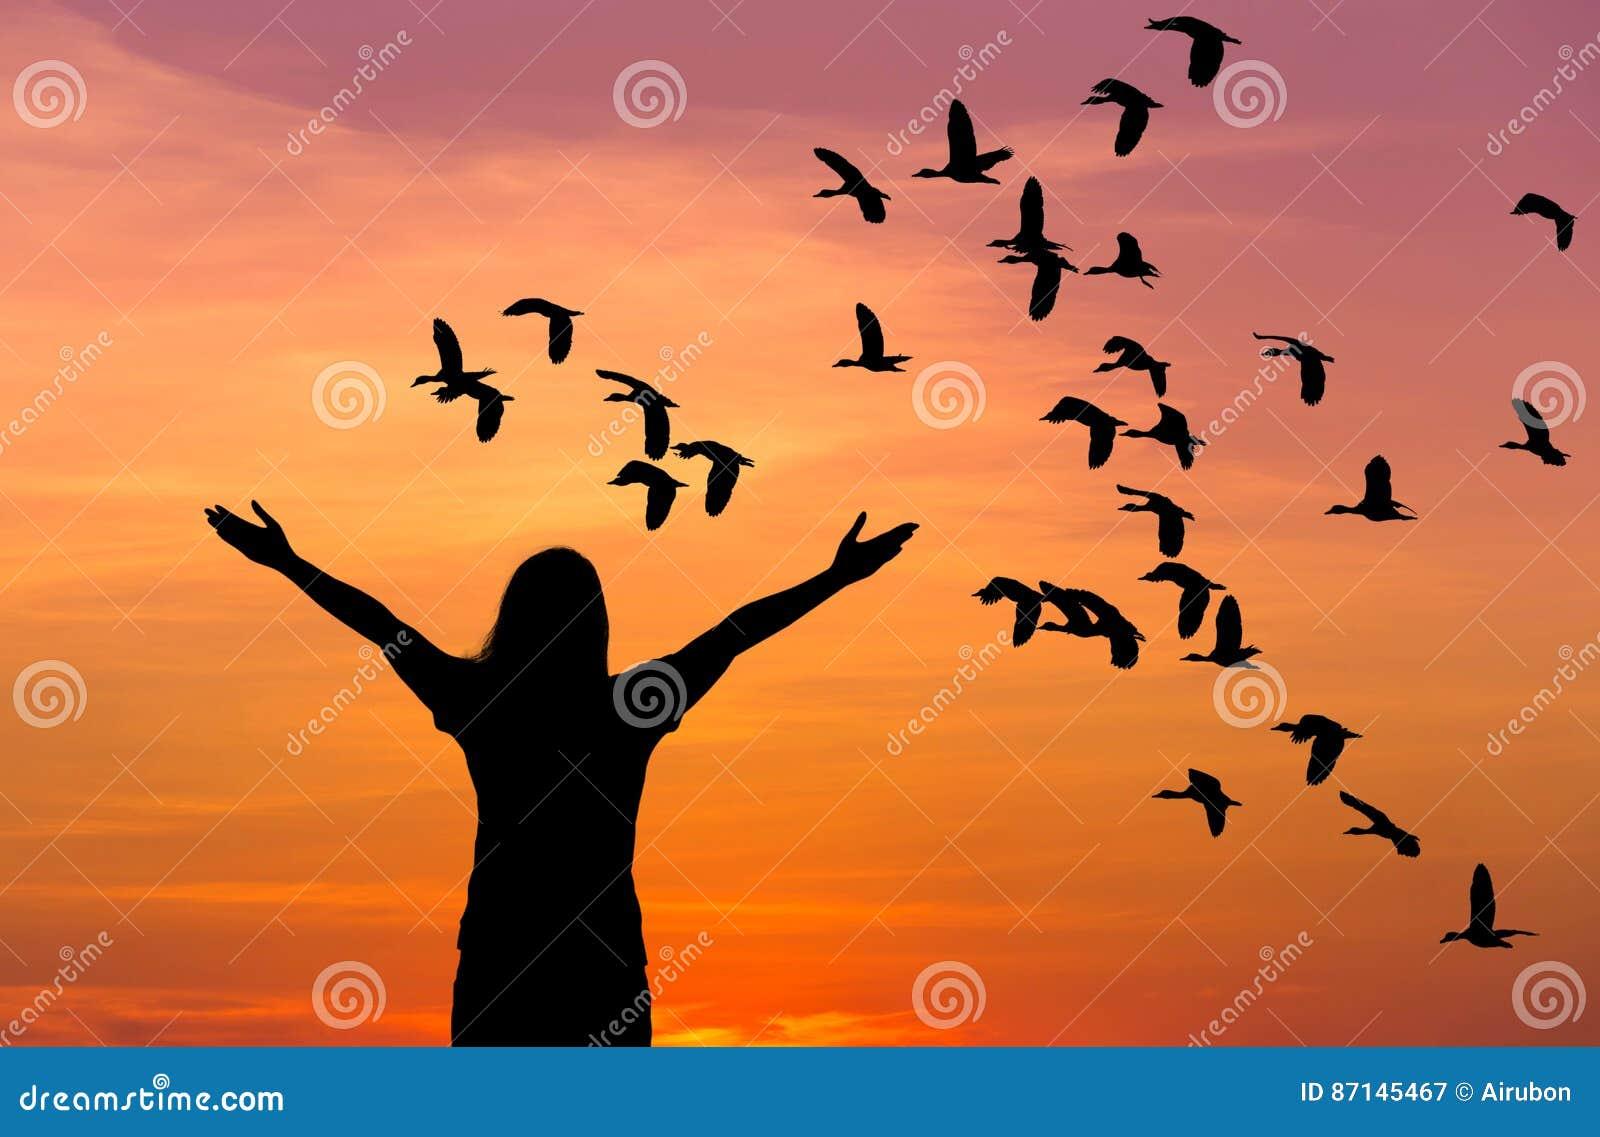 Στάση γυναικών σκιαγραφιών που αυξάνεται επάνω στα χέρια κατά τη διάρκεια του κοπαδιού της μικρότερης πάπιας σφυρίγματος που πετά